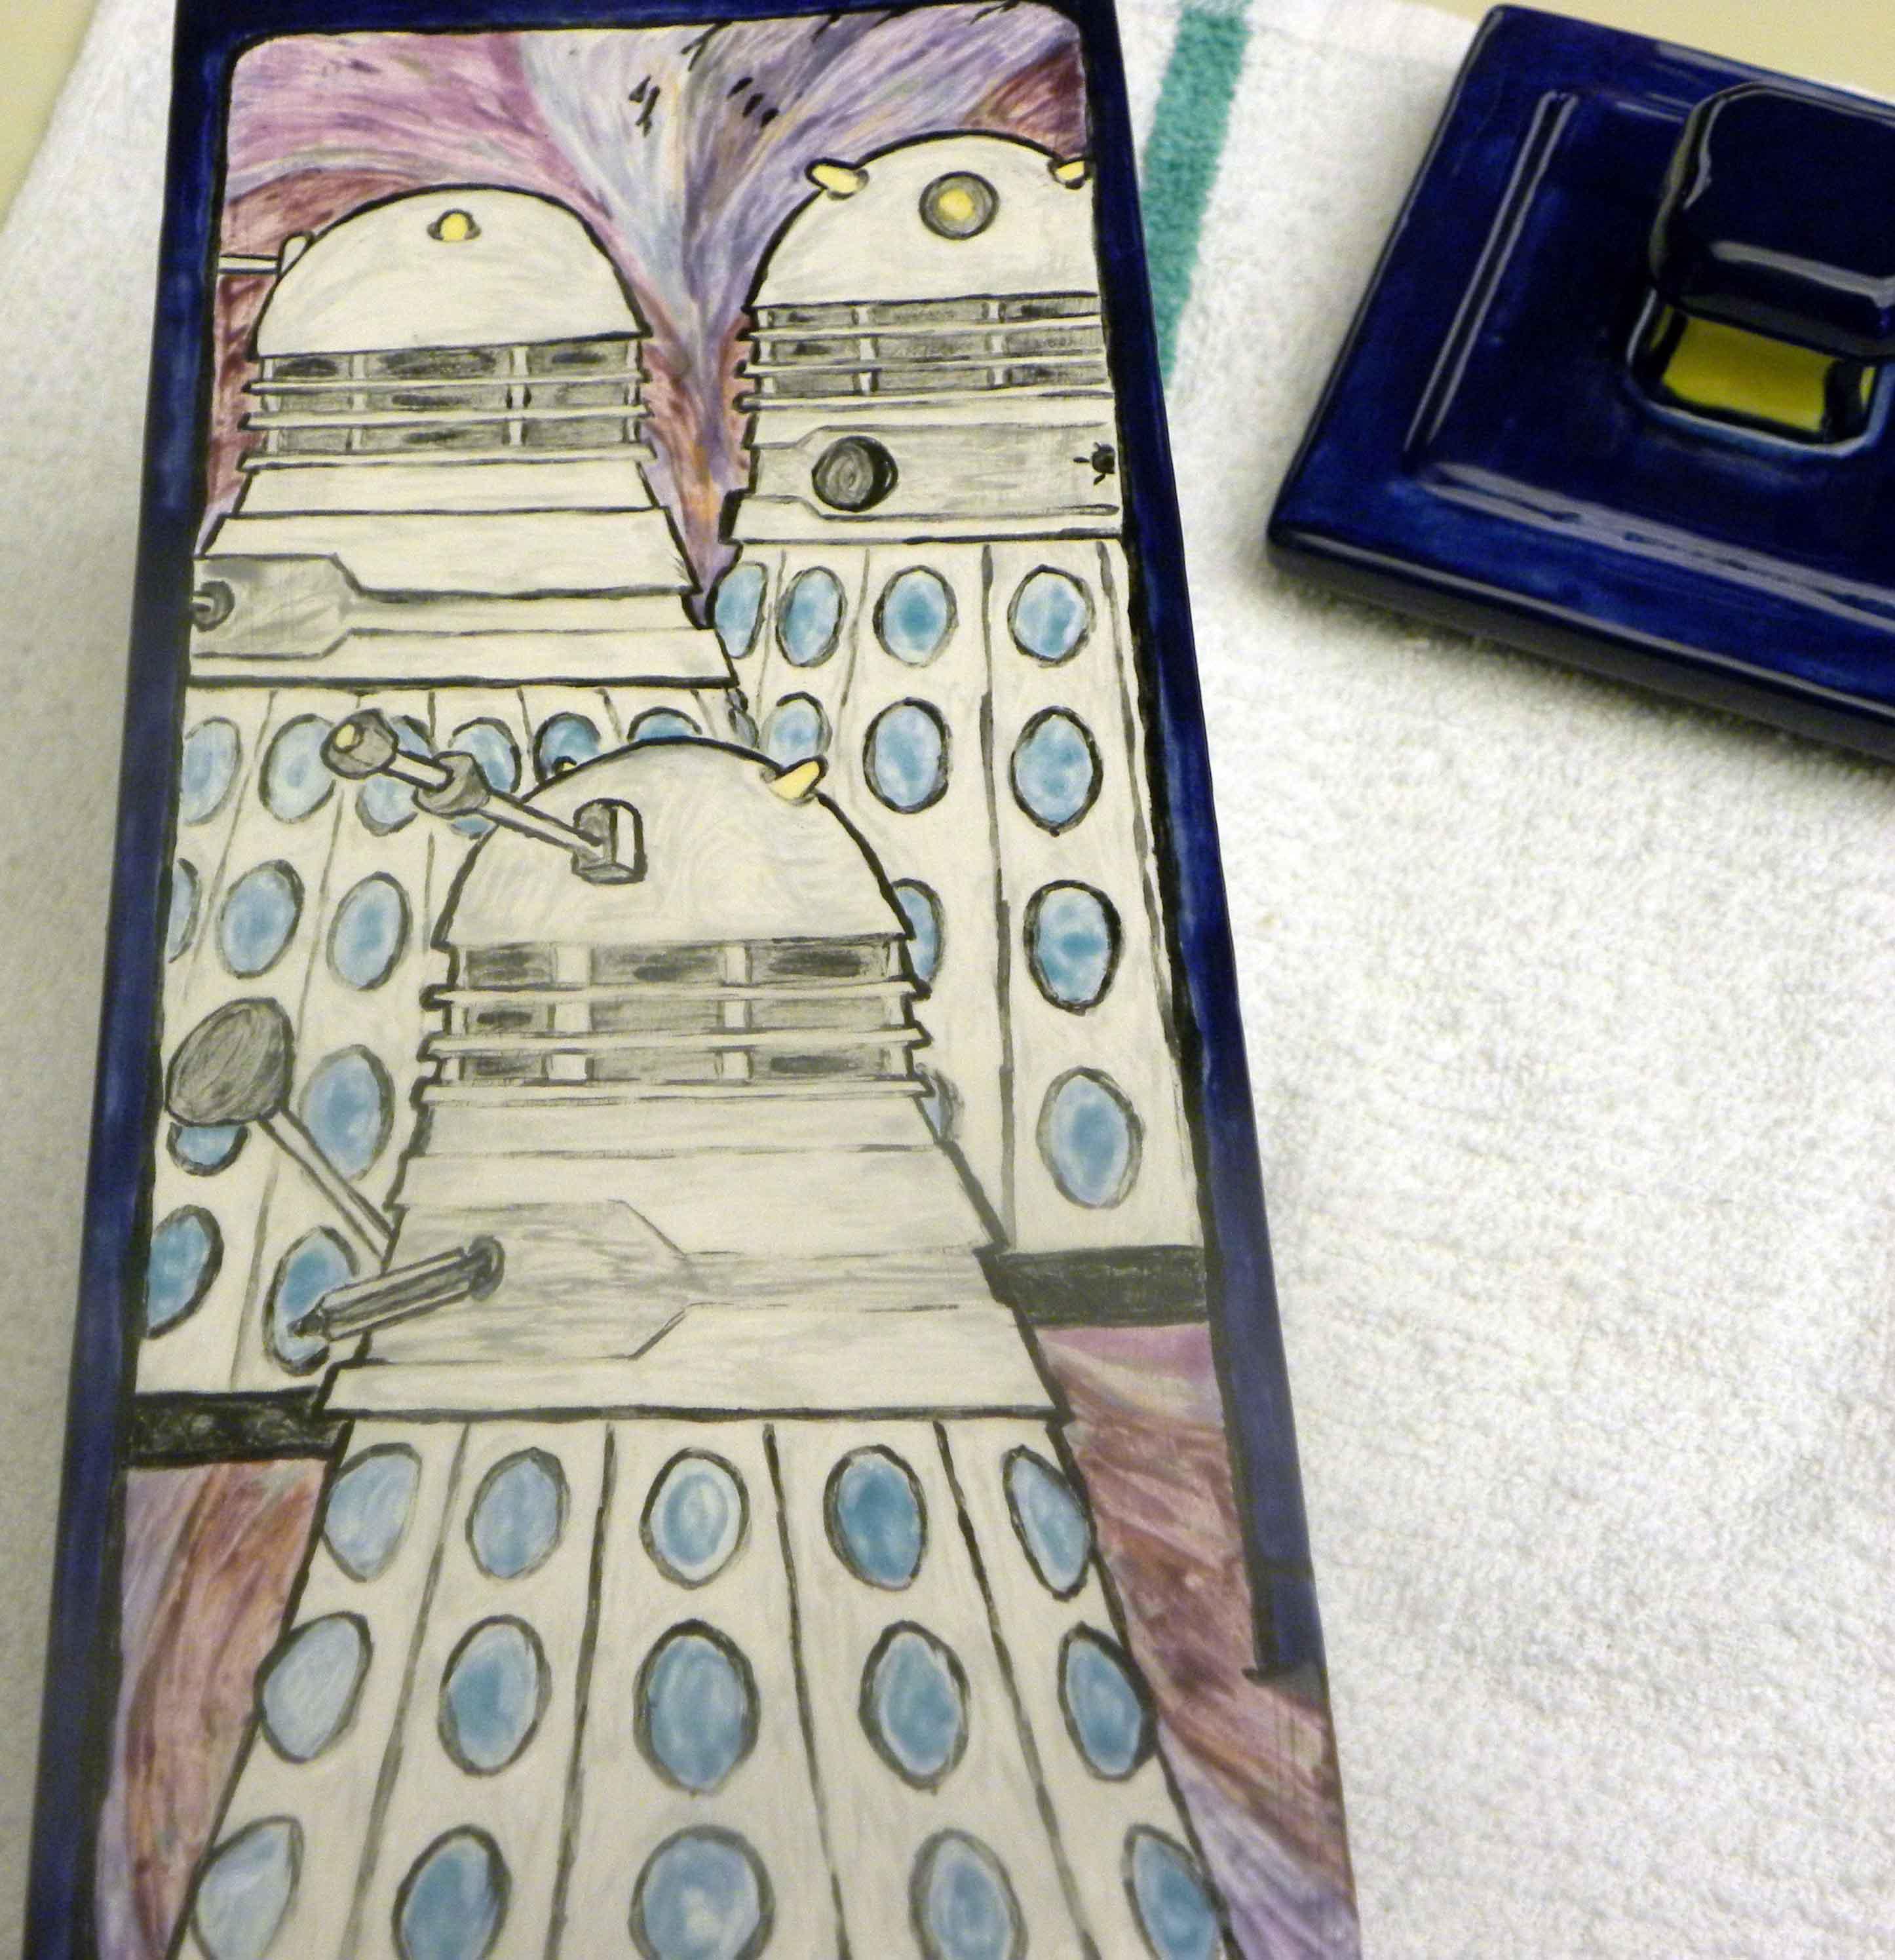 Dalek mural close up